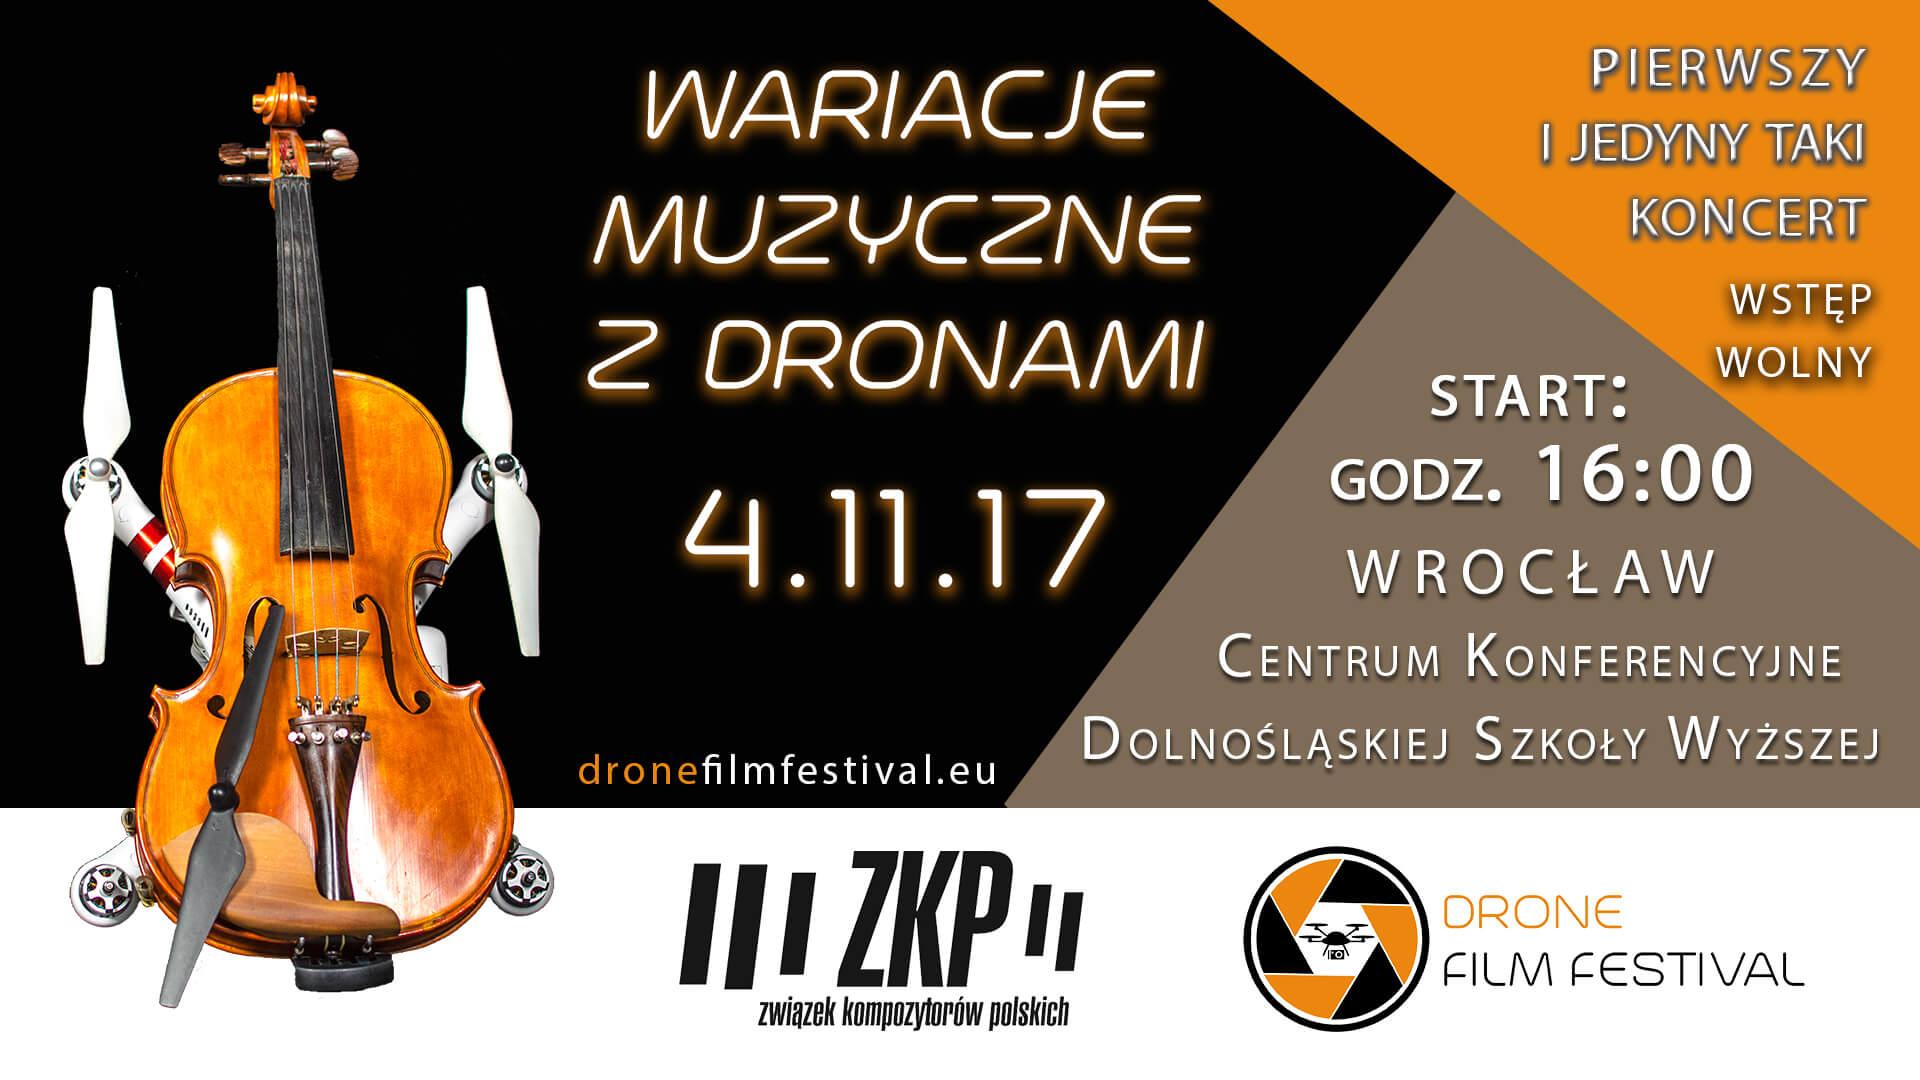 Drone Film Festival Wrocław 2017